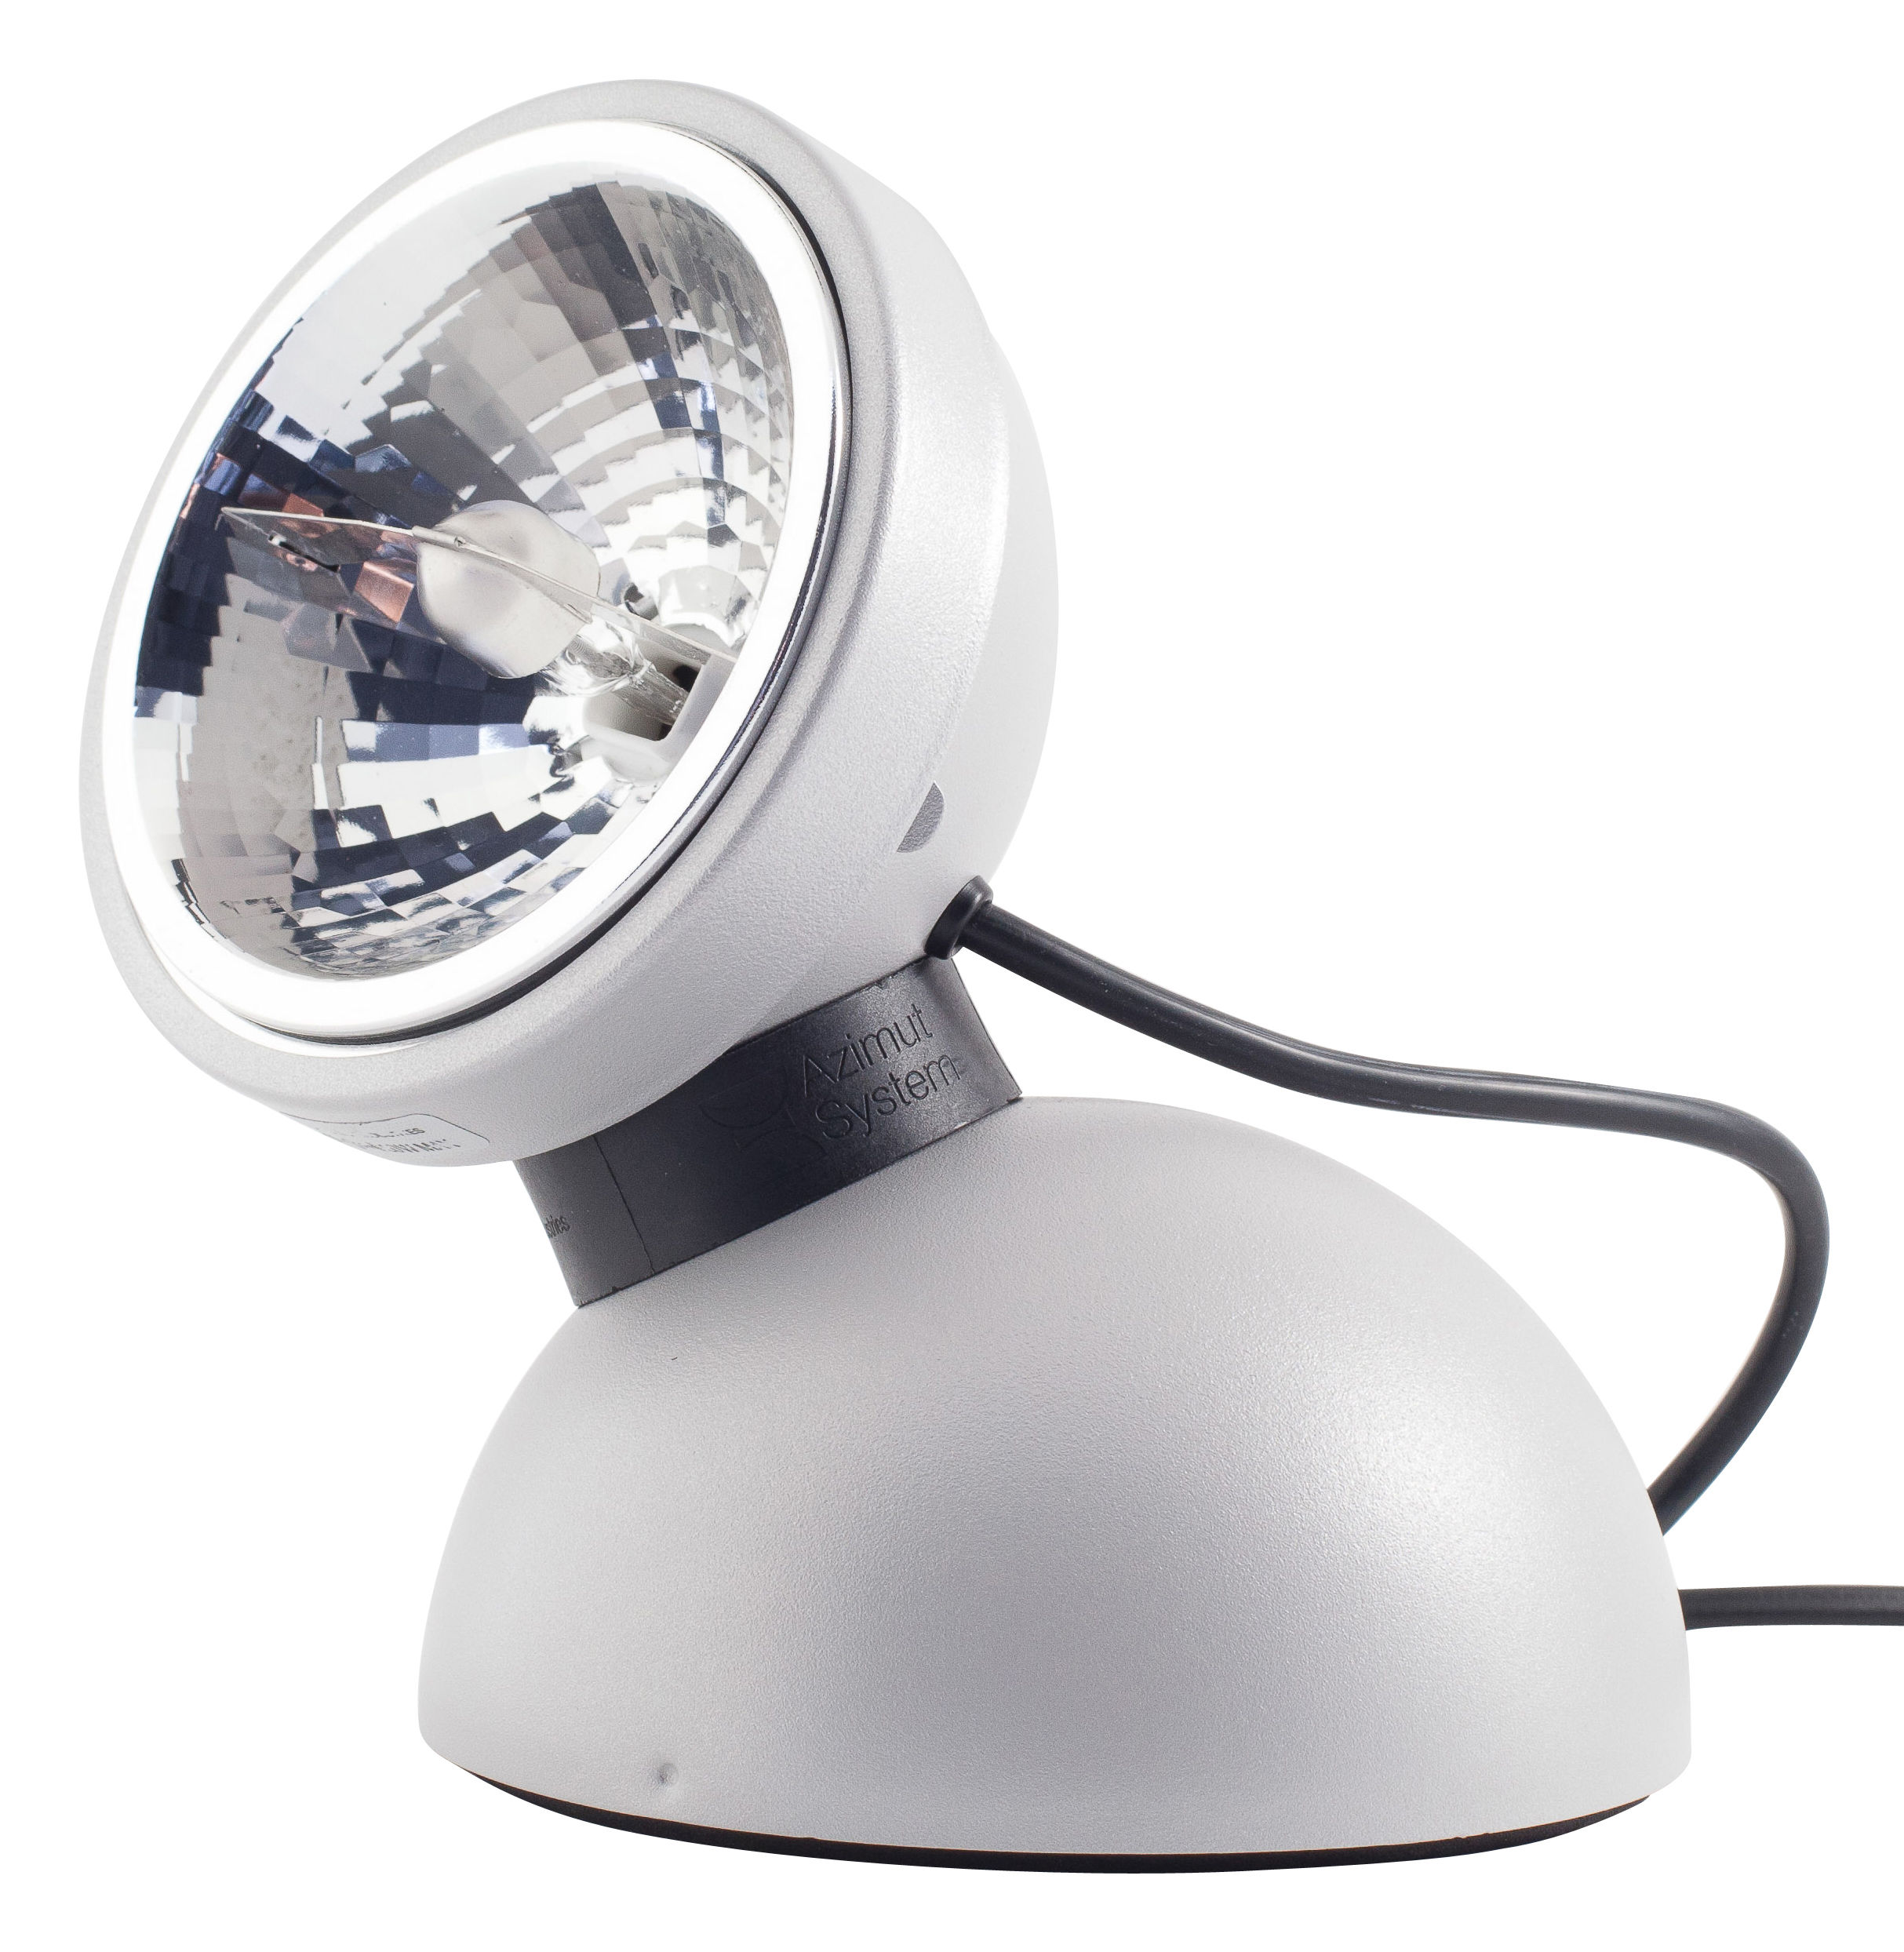 Leuchten - Tischleuchten - Touch 360° Tischleuchte - Touchsensor - Azimut Industries - Grau - lackiertes Metall